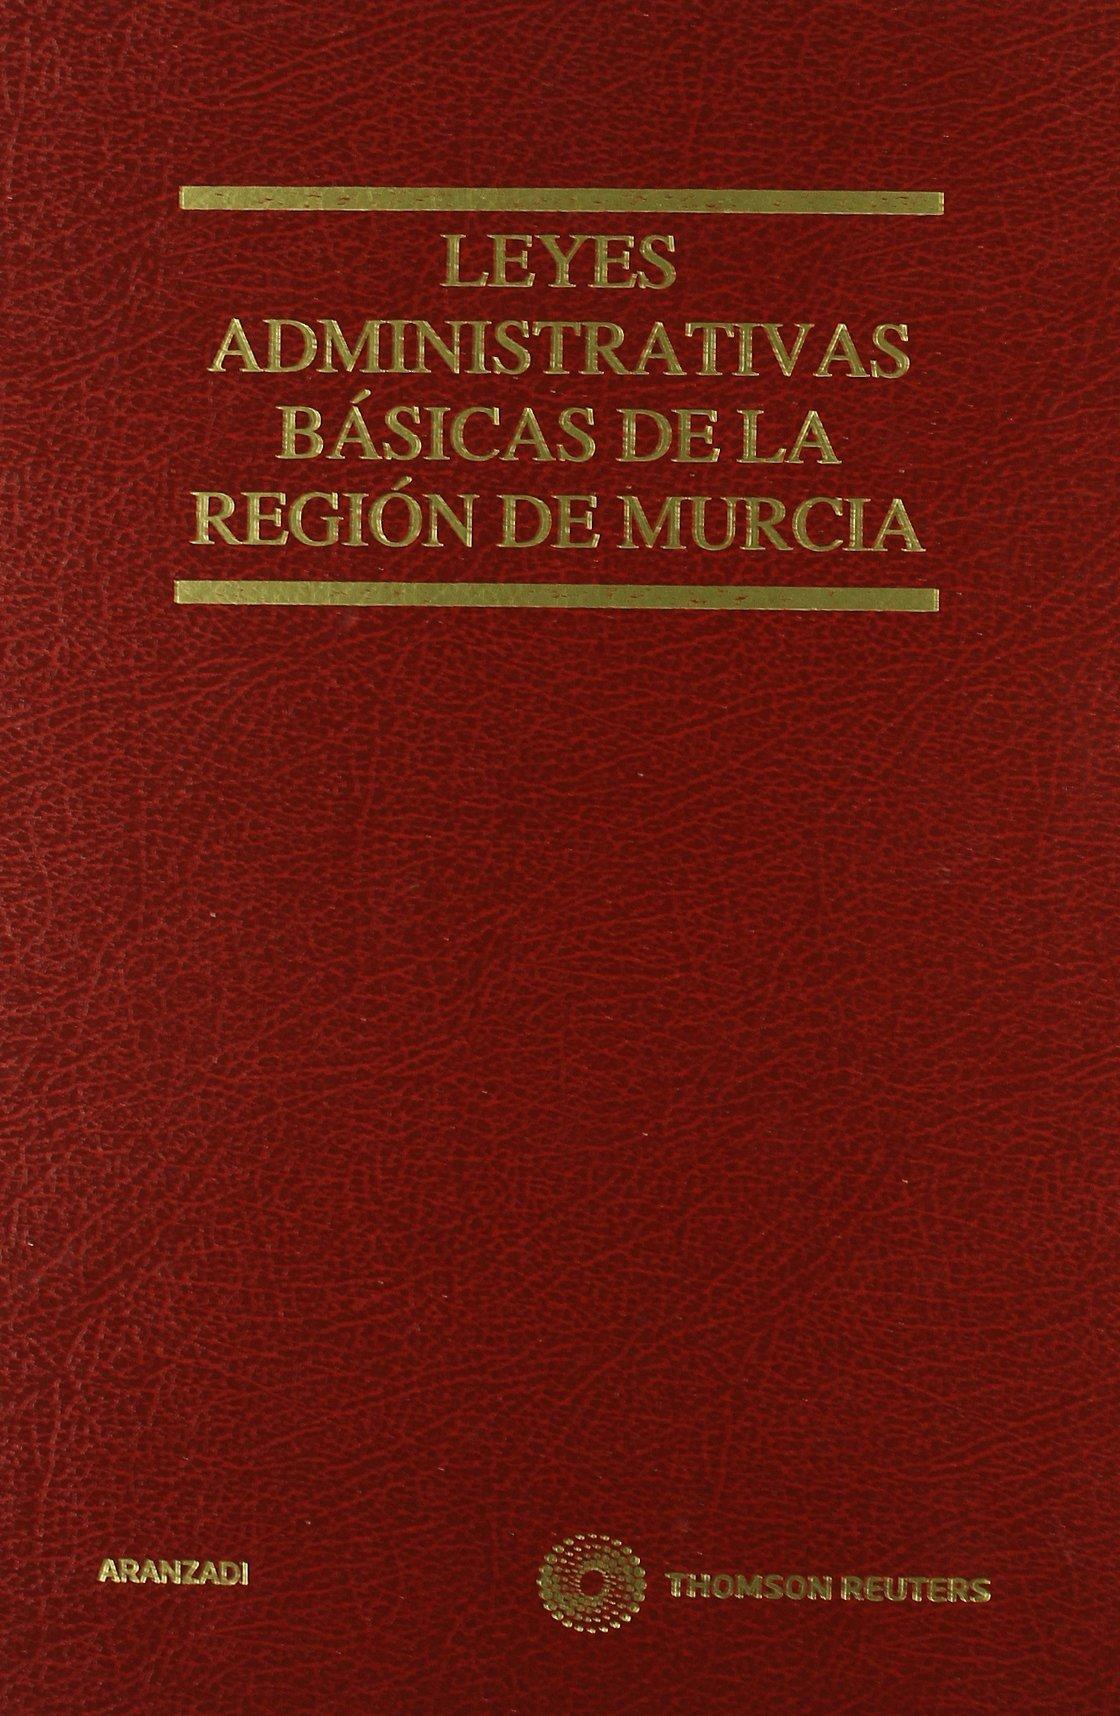 Leyes Administrativas Básicas de la Región de Murcia Código Profesional: Amazon.es: Departamento de Redacción Aranzadi: Libros